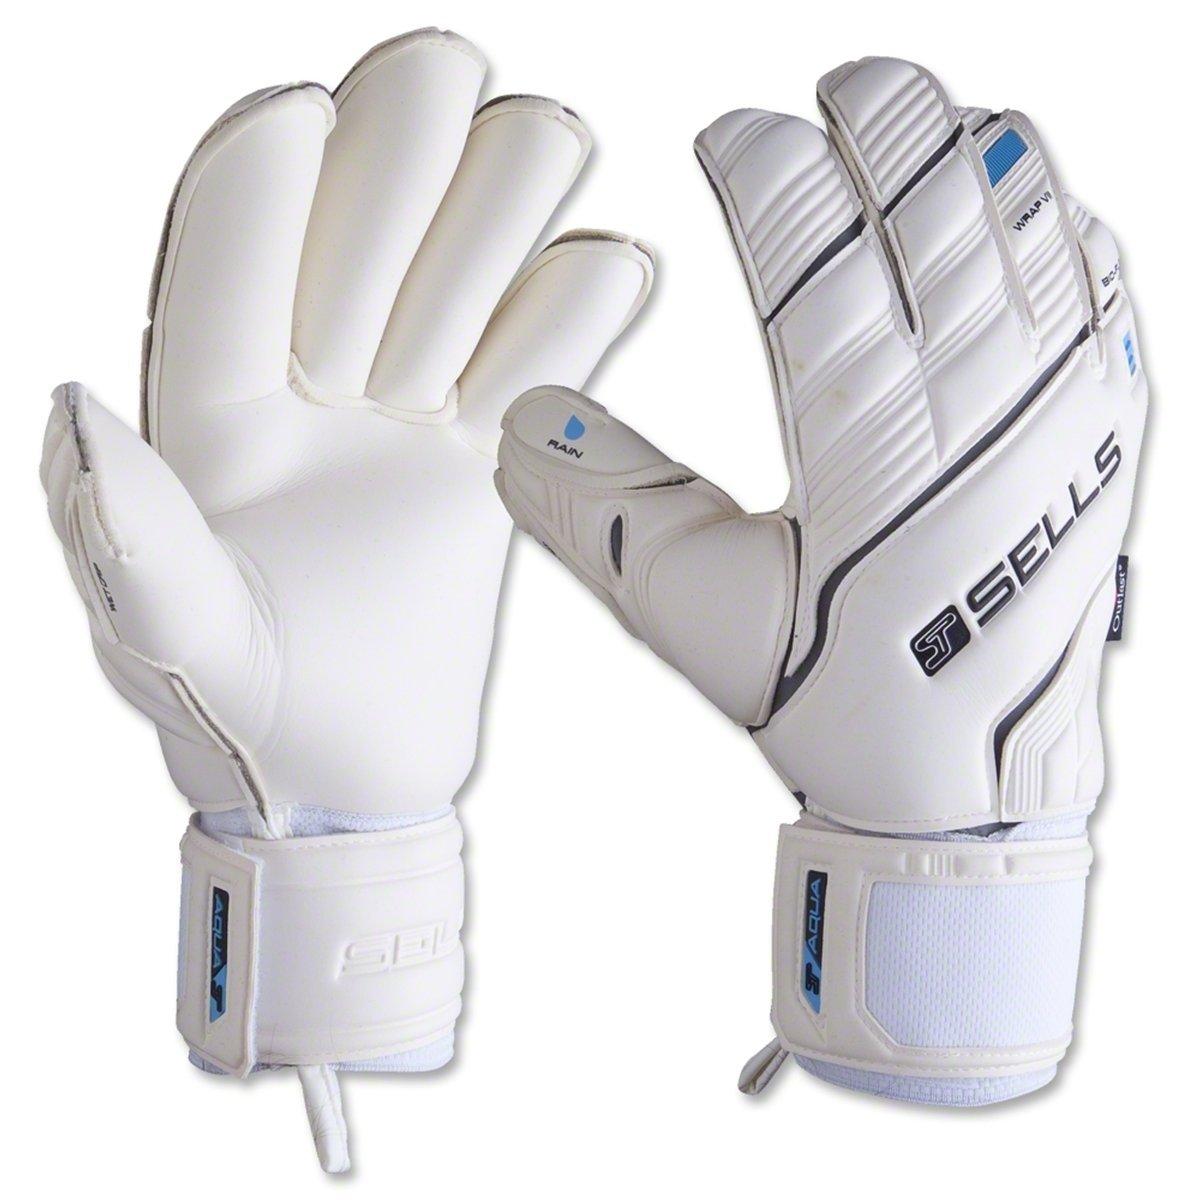 Get Quotations · Sells Wrap Elite Aqua Goalie Gloves 8915b17b0afa